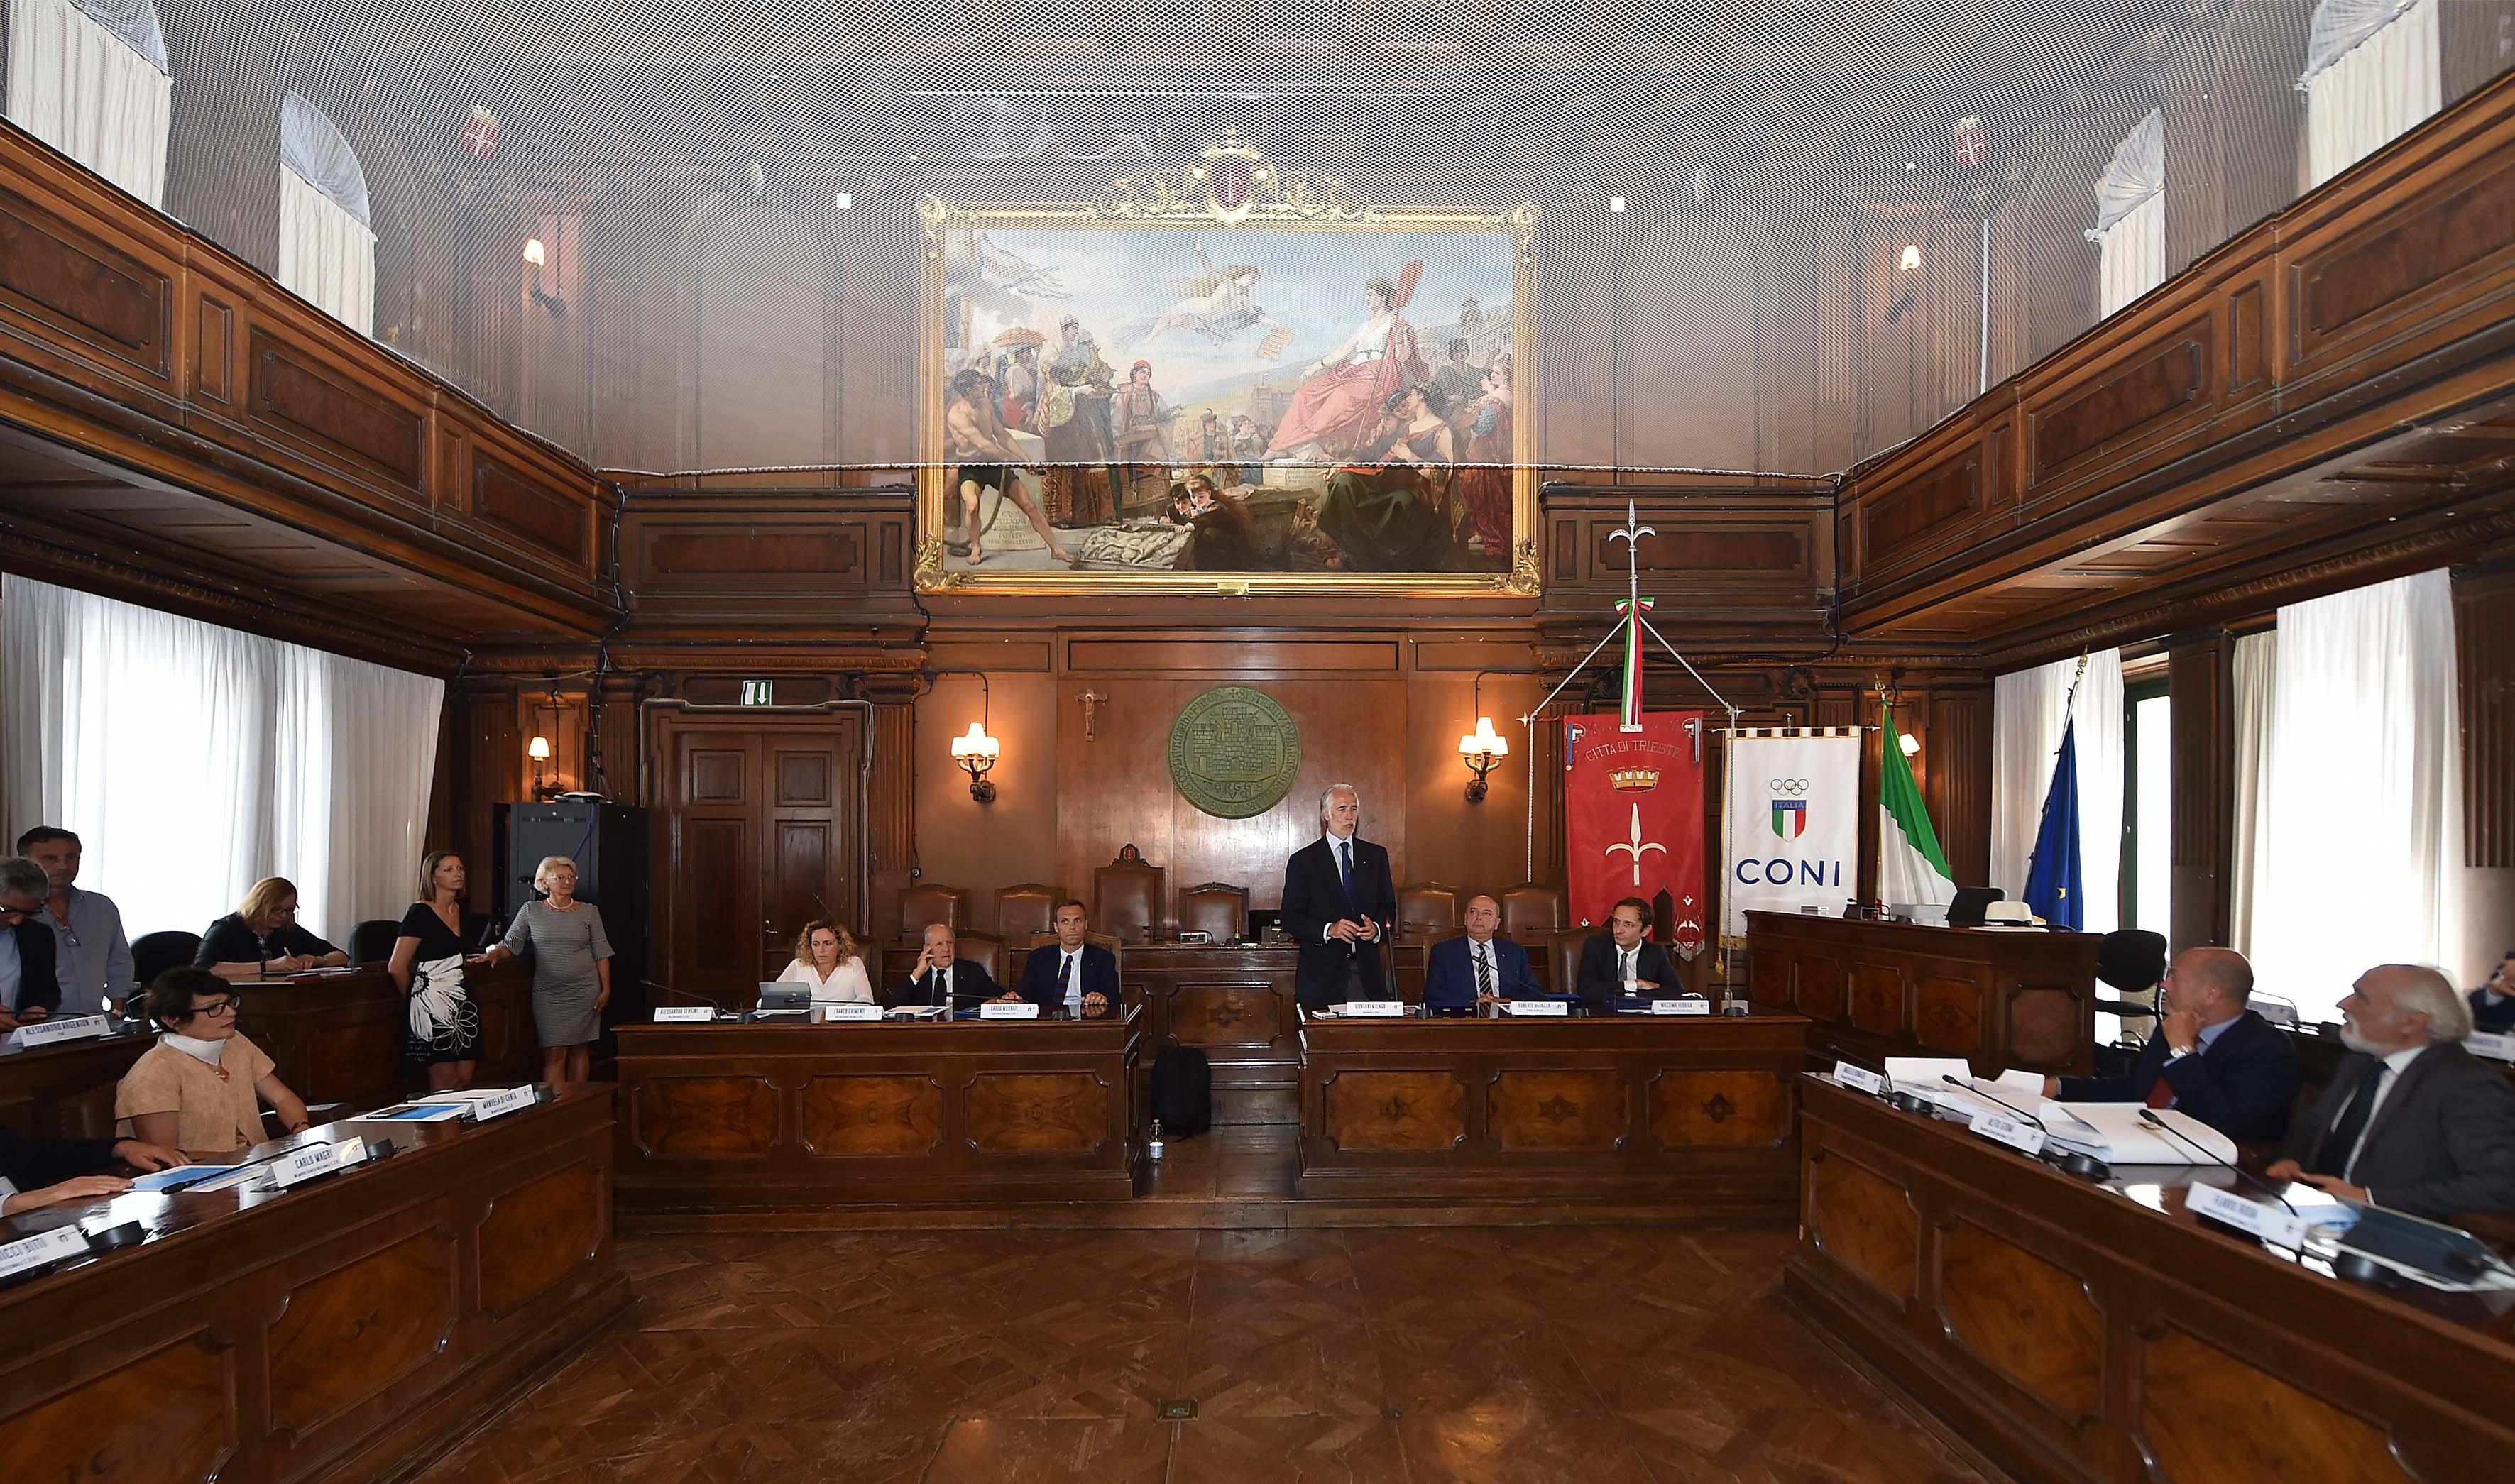 180612 0045 Trieste Giunta foto Simone Ferraro SFA_8607 copia